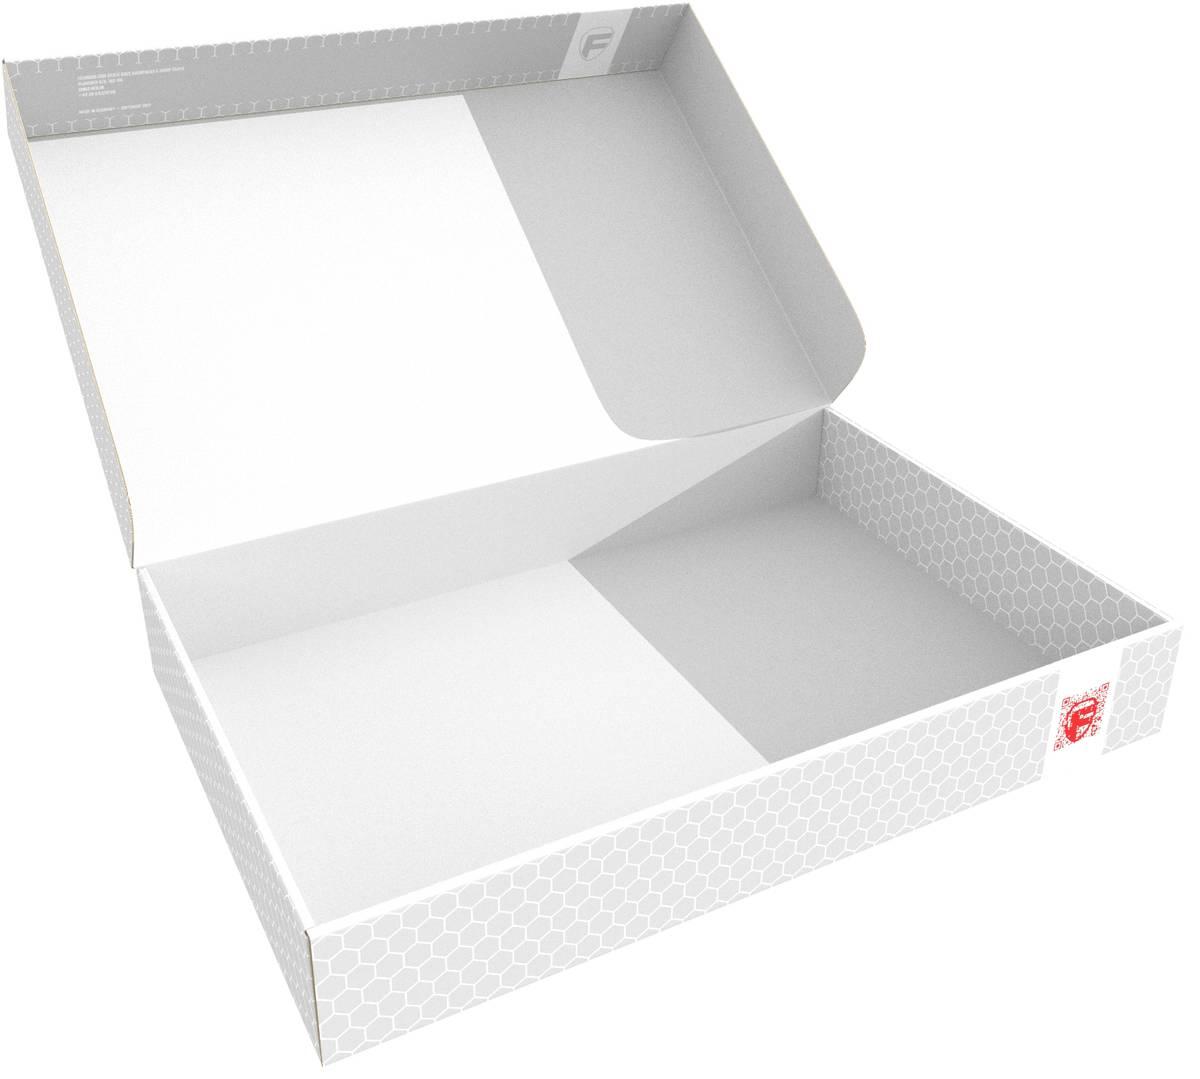 Feldherr Storage Box DSLB075 empty